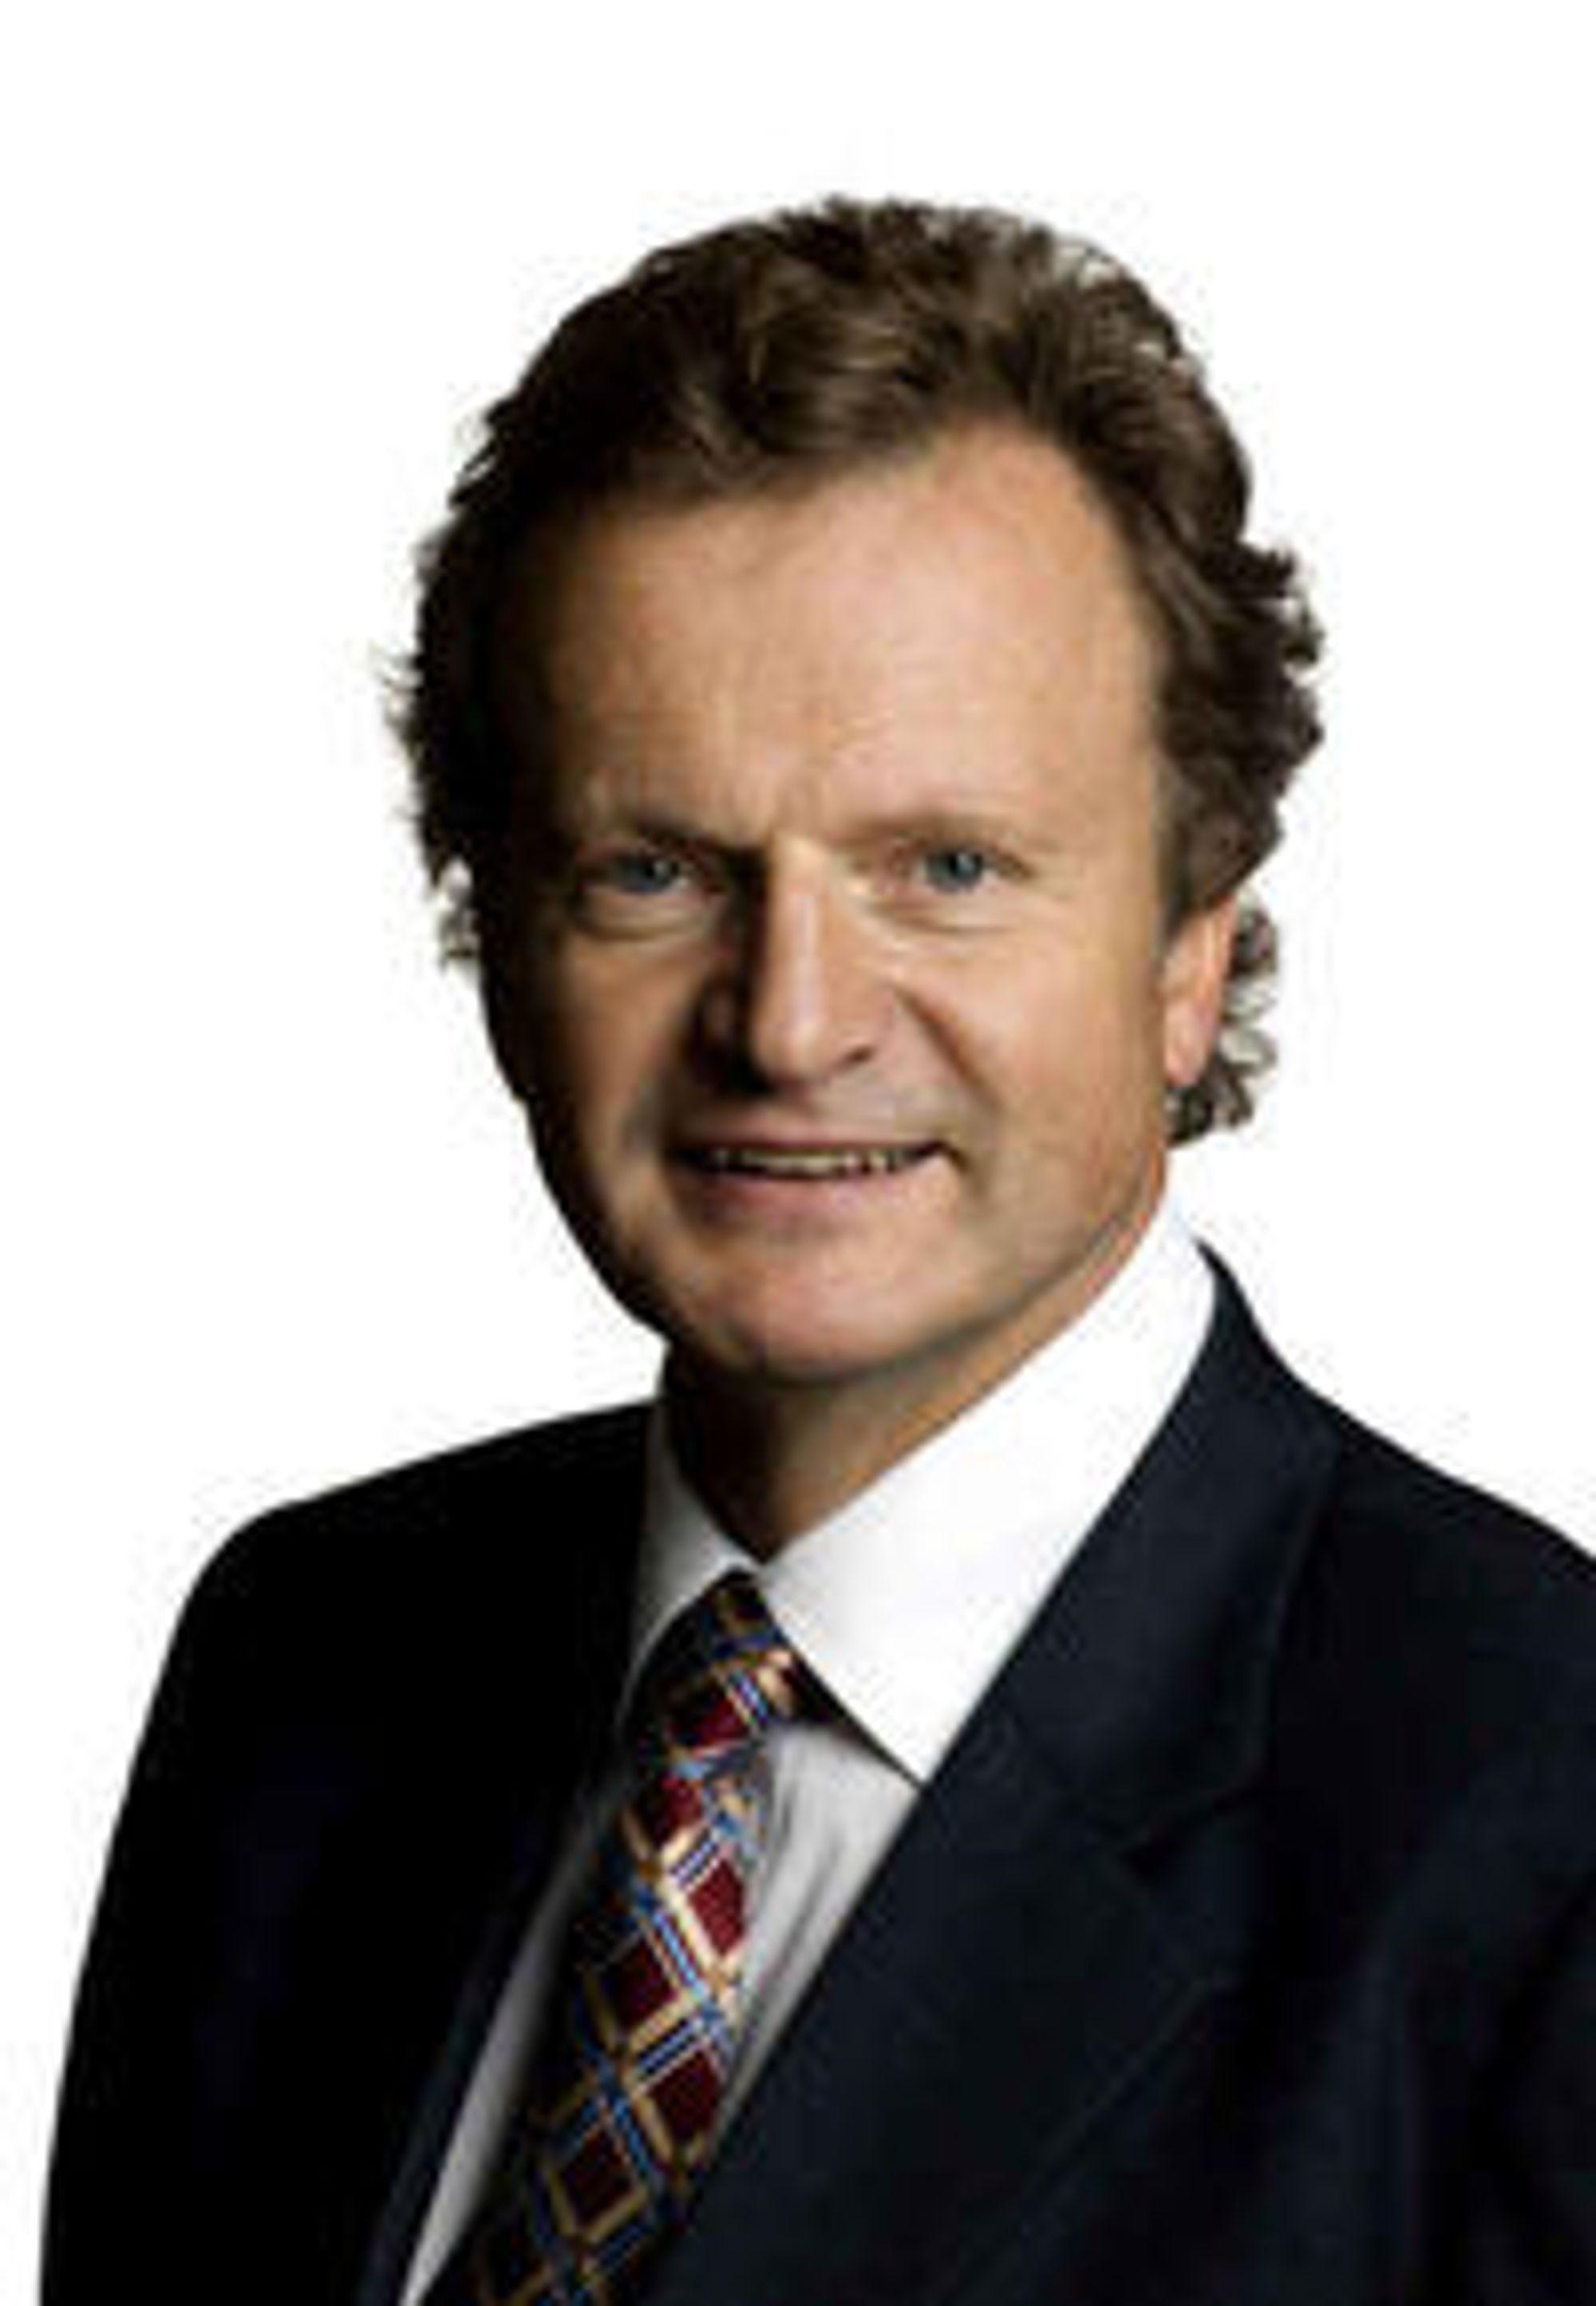 Konsernsjef Jon Fredrik Baksaas venter betydelig lavere EBITDA-margin i 2010 enn i 2009.